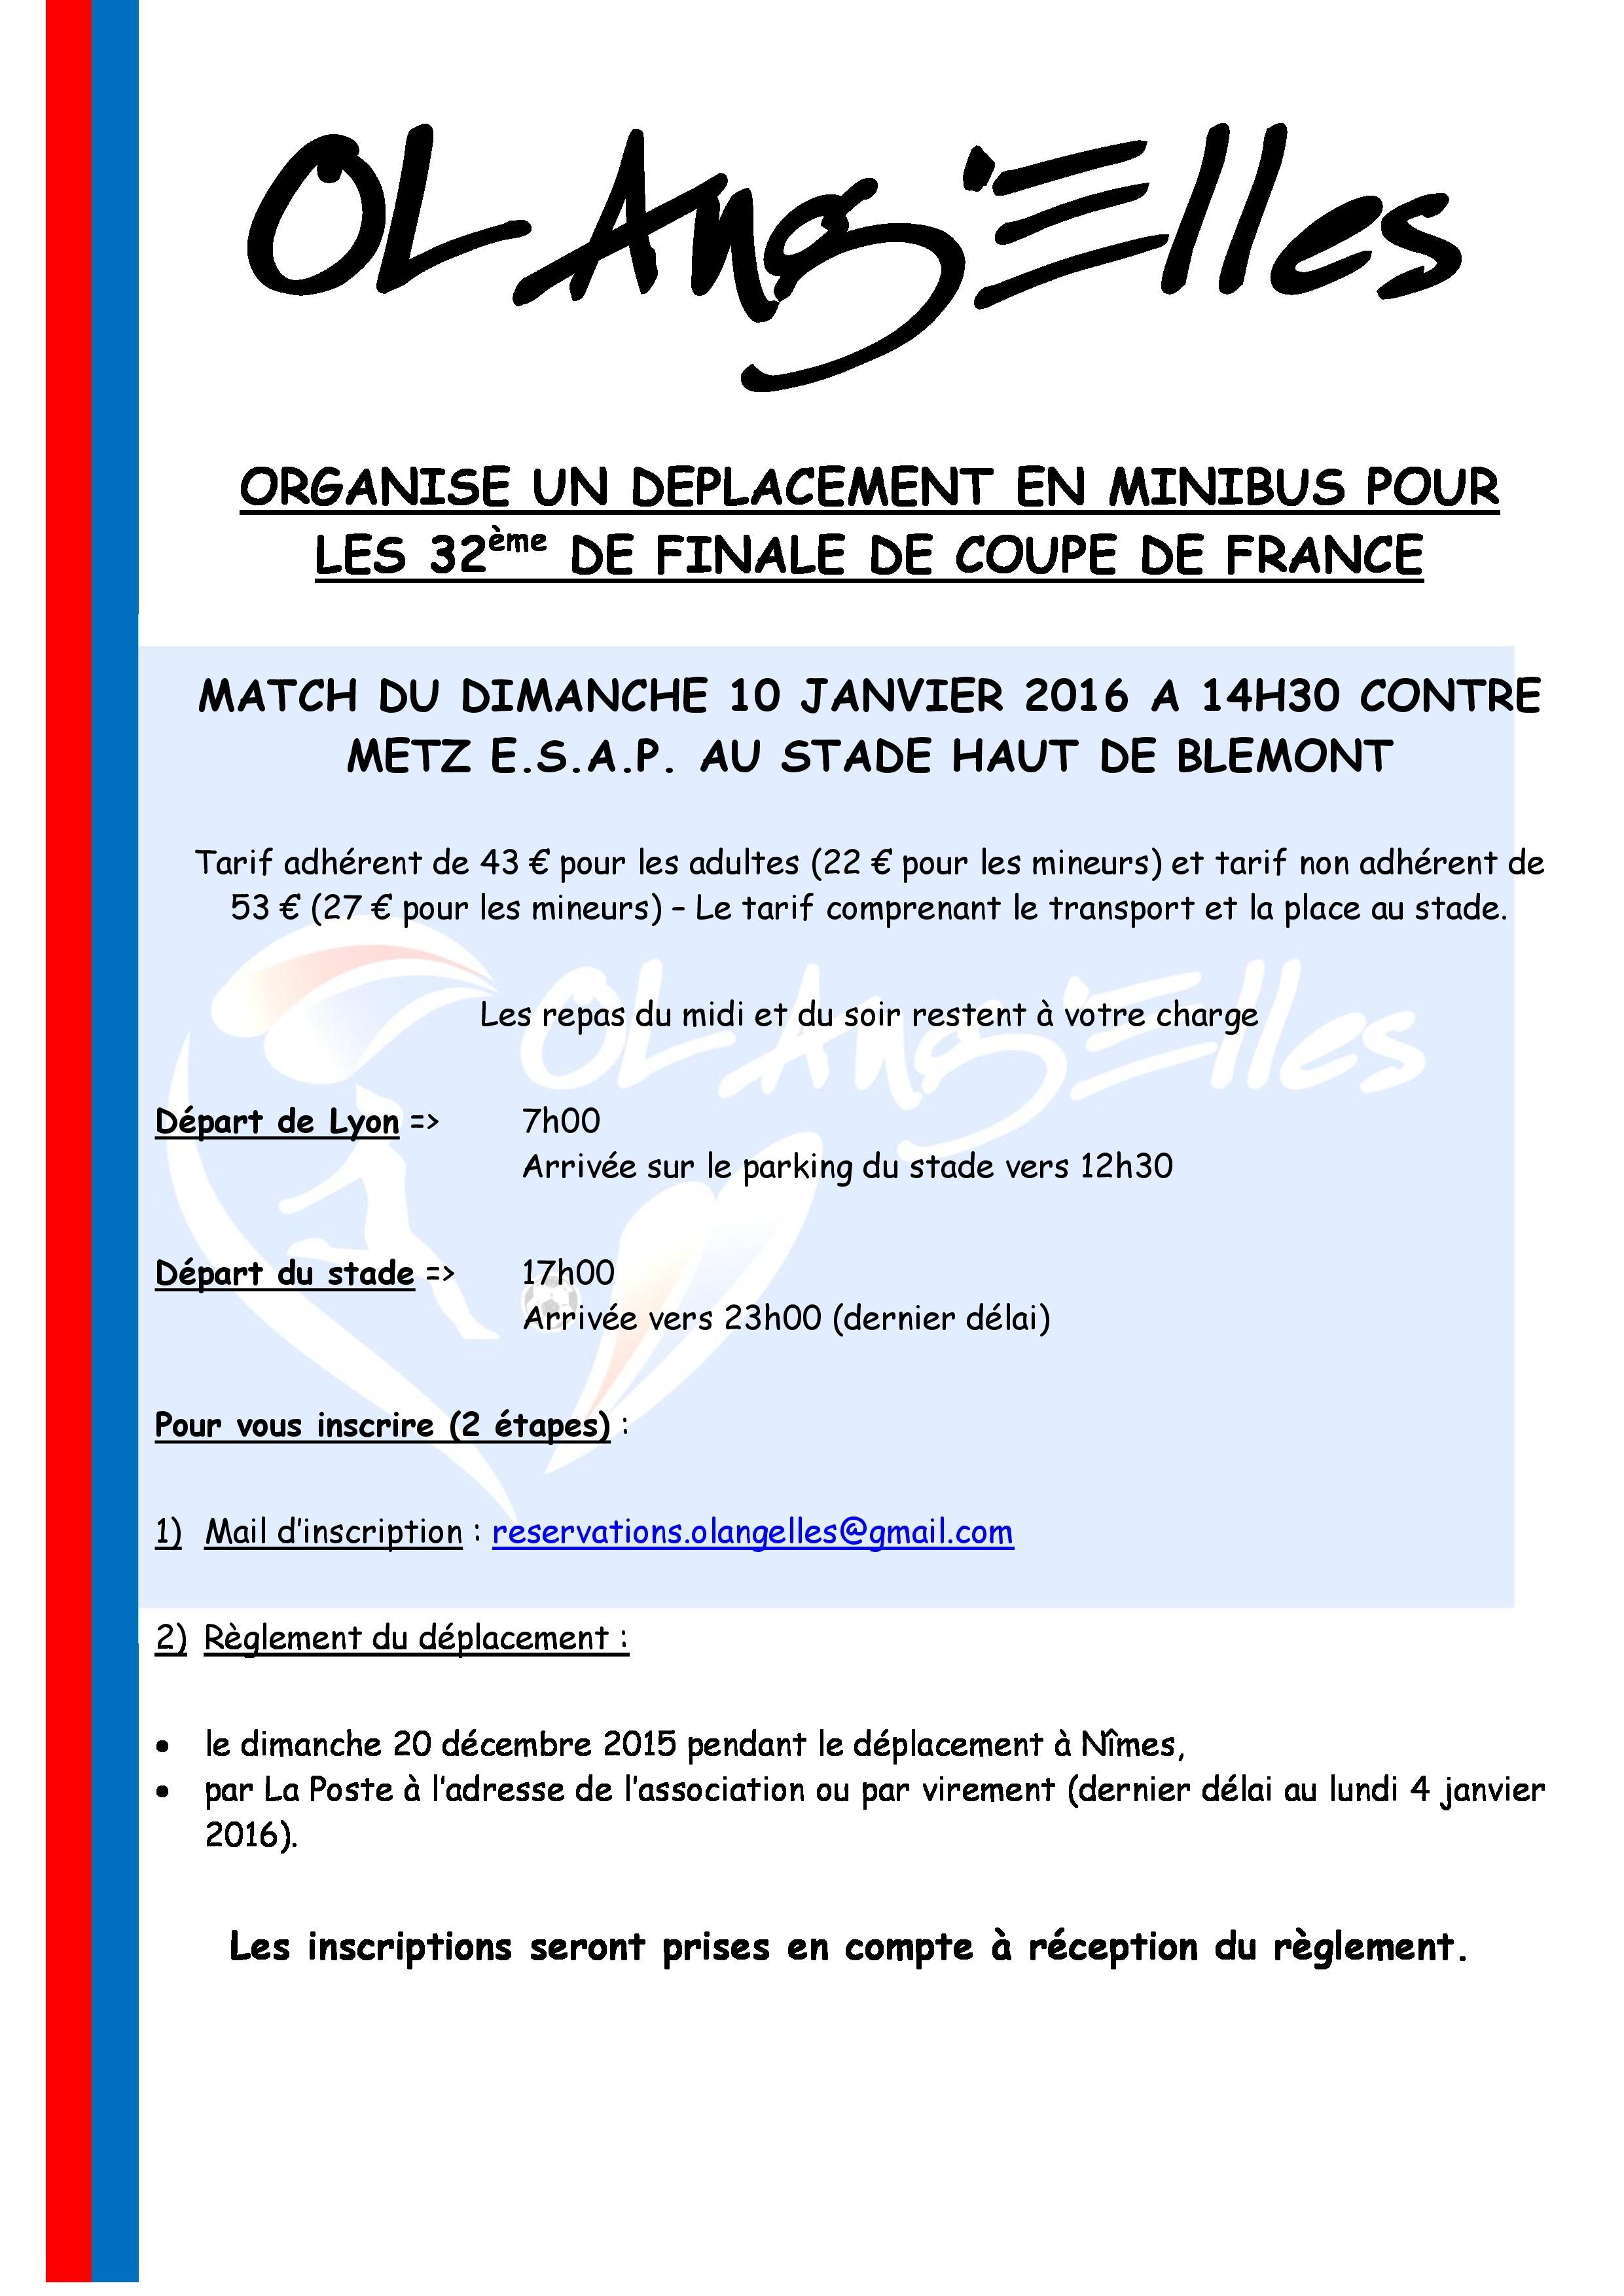 Esap metz en 32 me de finale de coupe de france ol ang 39 elles - Places finale coupe de france ...